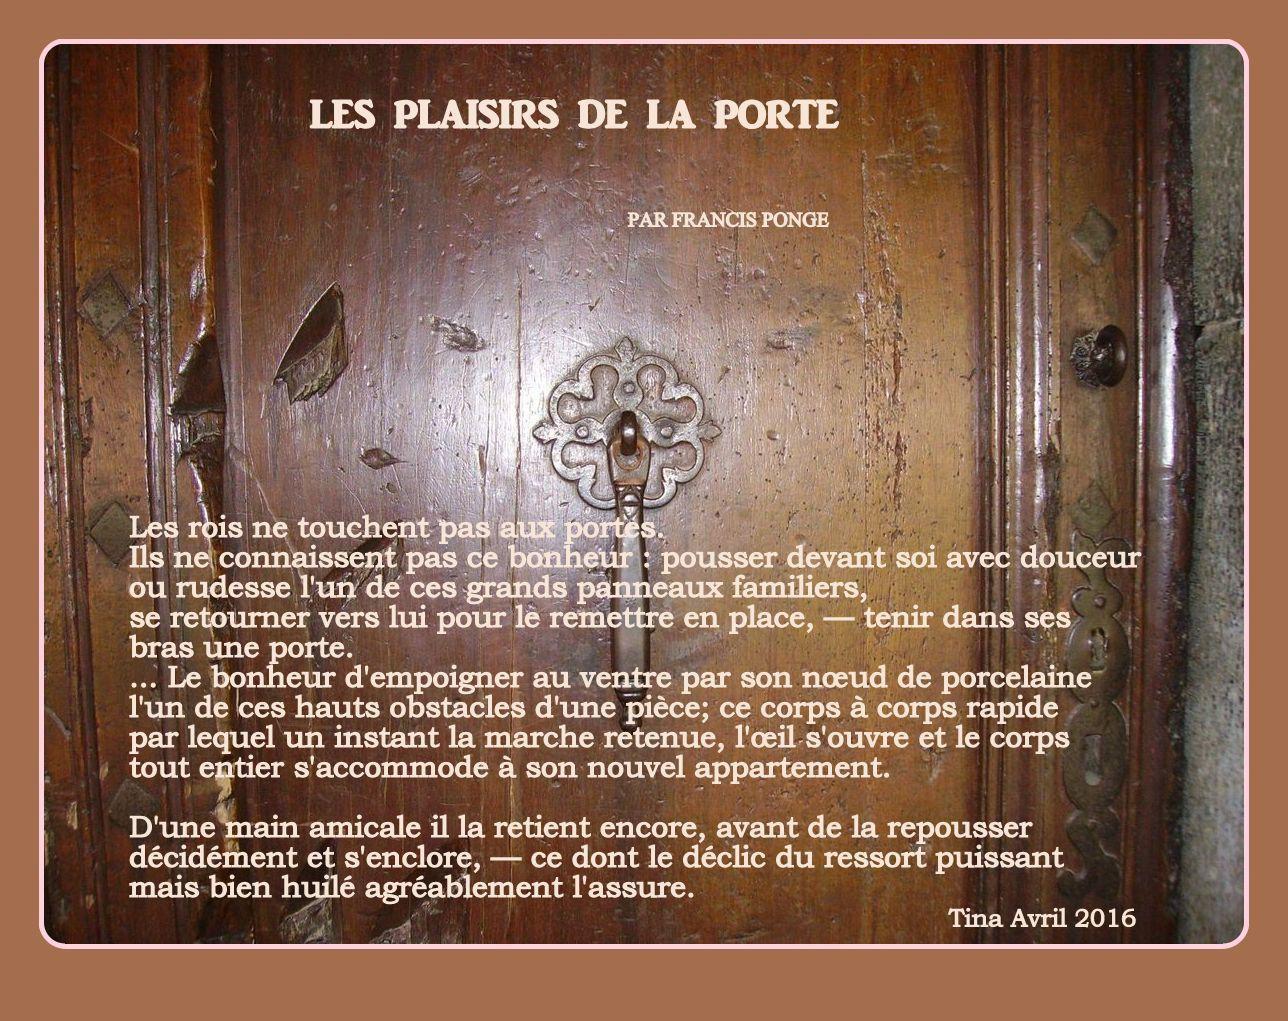 Les plaisirs de la porte par francis ponge ouvre moi la porte enrico macias - Chanson de ouvre moi la porte ...